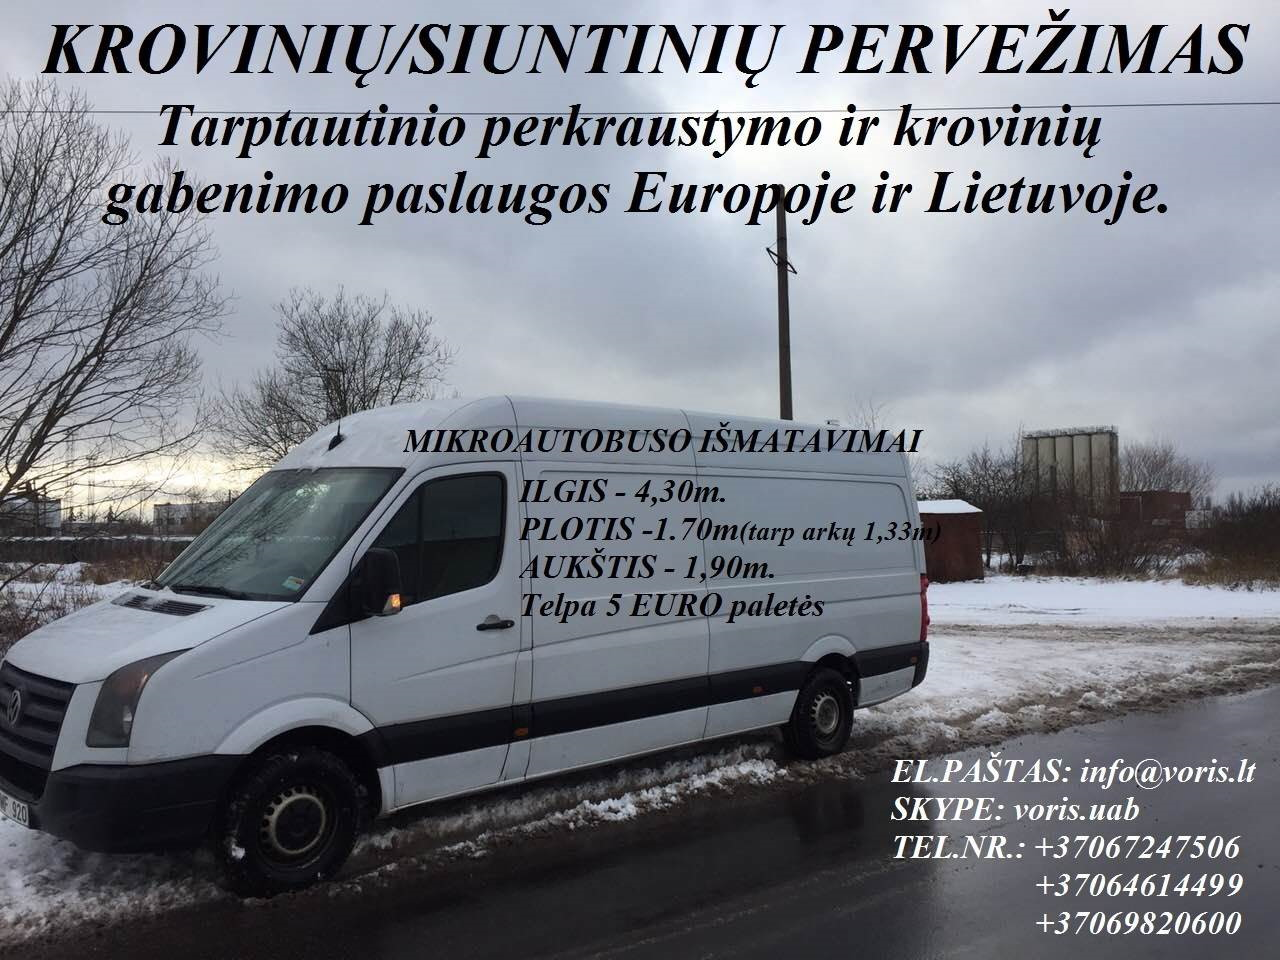 Kroviniai / Siuntos / Perkraustymas ! VILNIAUS RAJONAS Skubių (express) krovinių pervežimai / gabenimai. Siuntų pervežimas. ( Lietuva / Vokietija / It